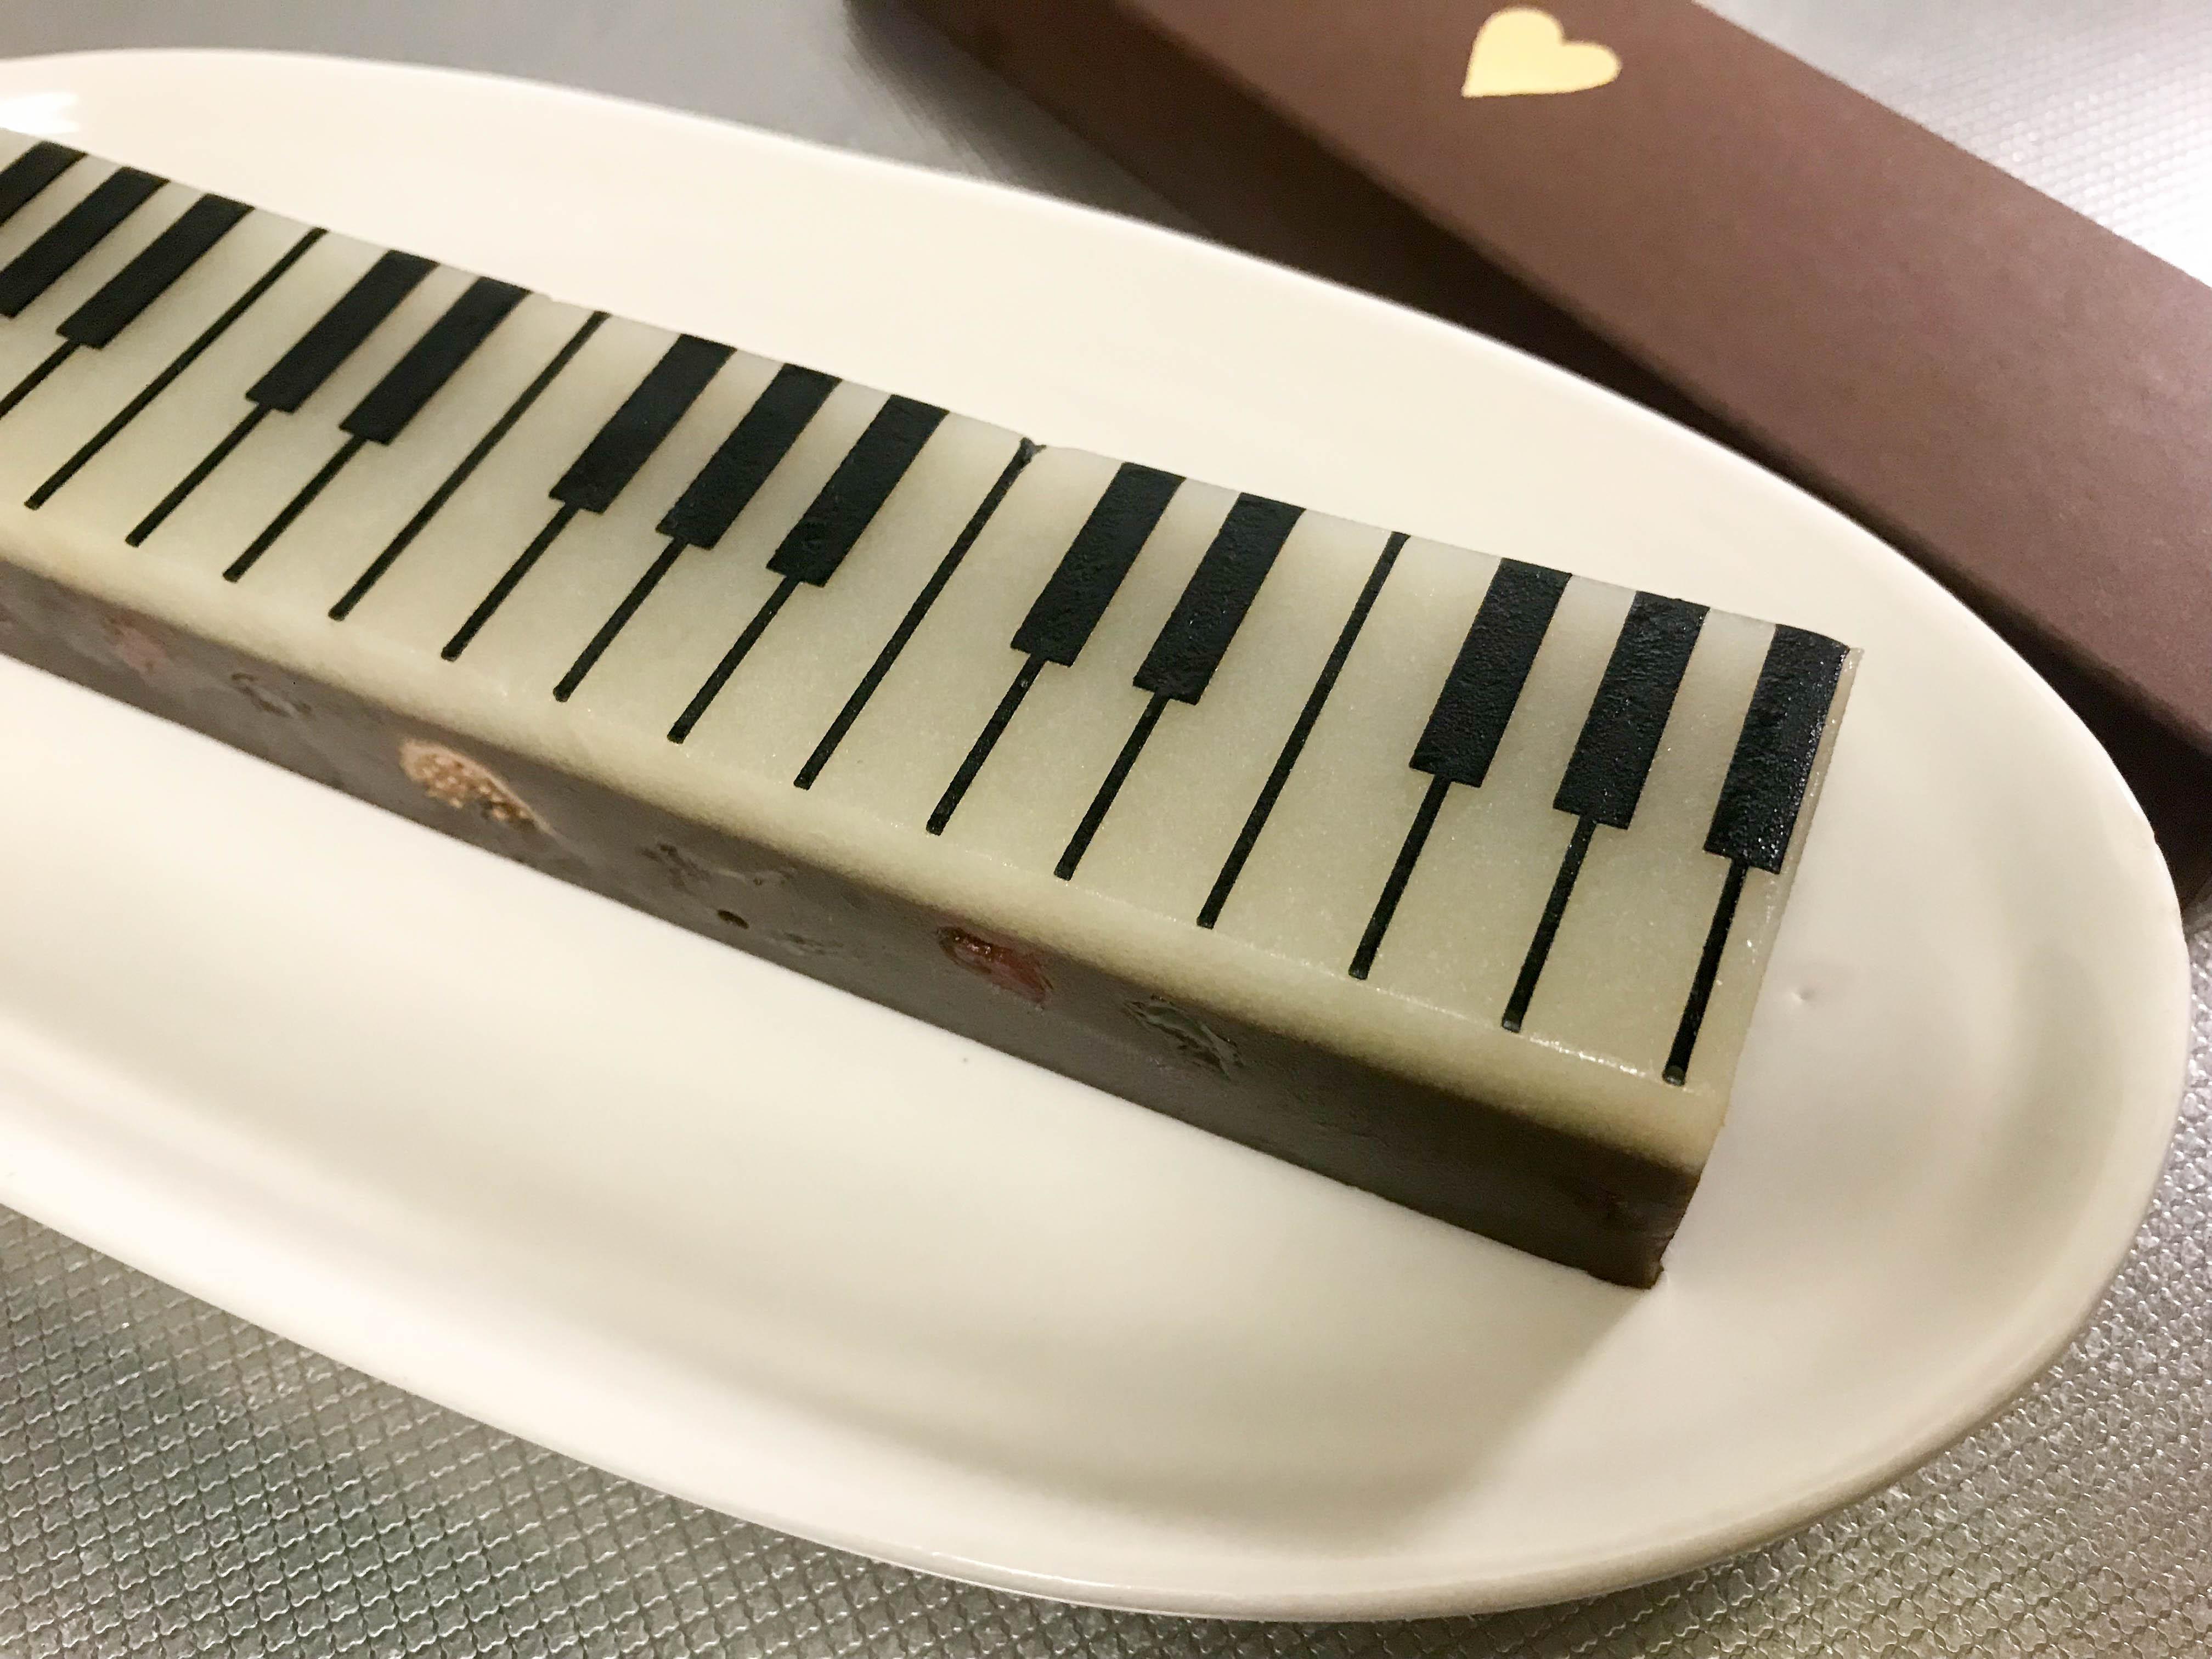 【ジャズ羊羹 chocolat】インスタ映え確実な湯布院発の羊羹。贈り物にも最適!